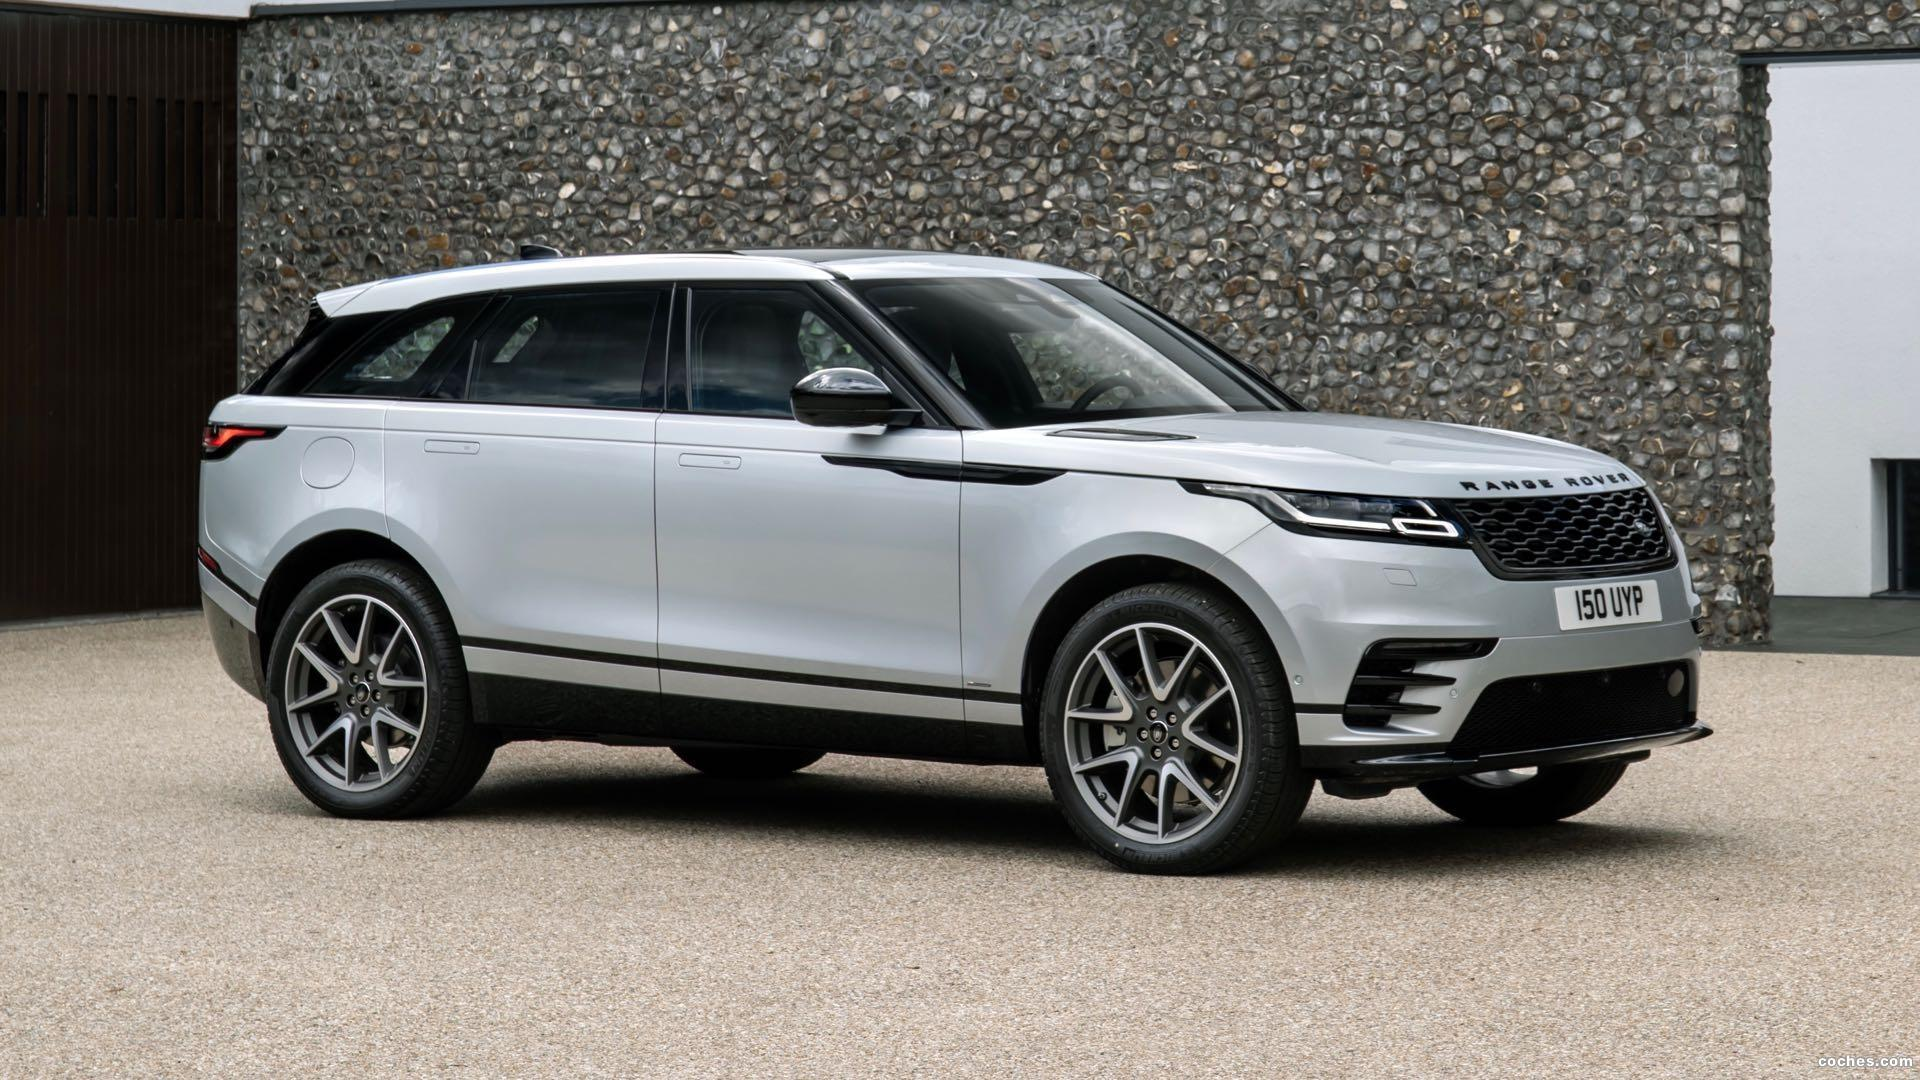 Foto de LAND ROVER Range Rover Velar